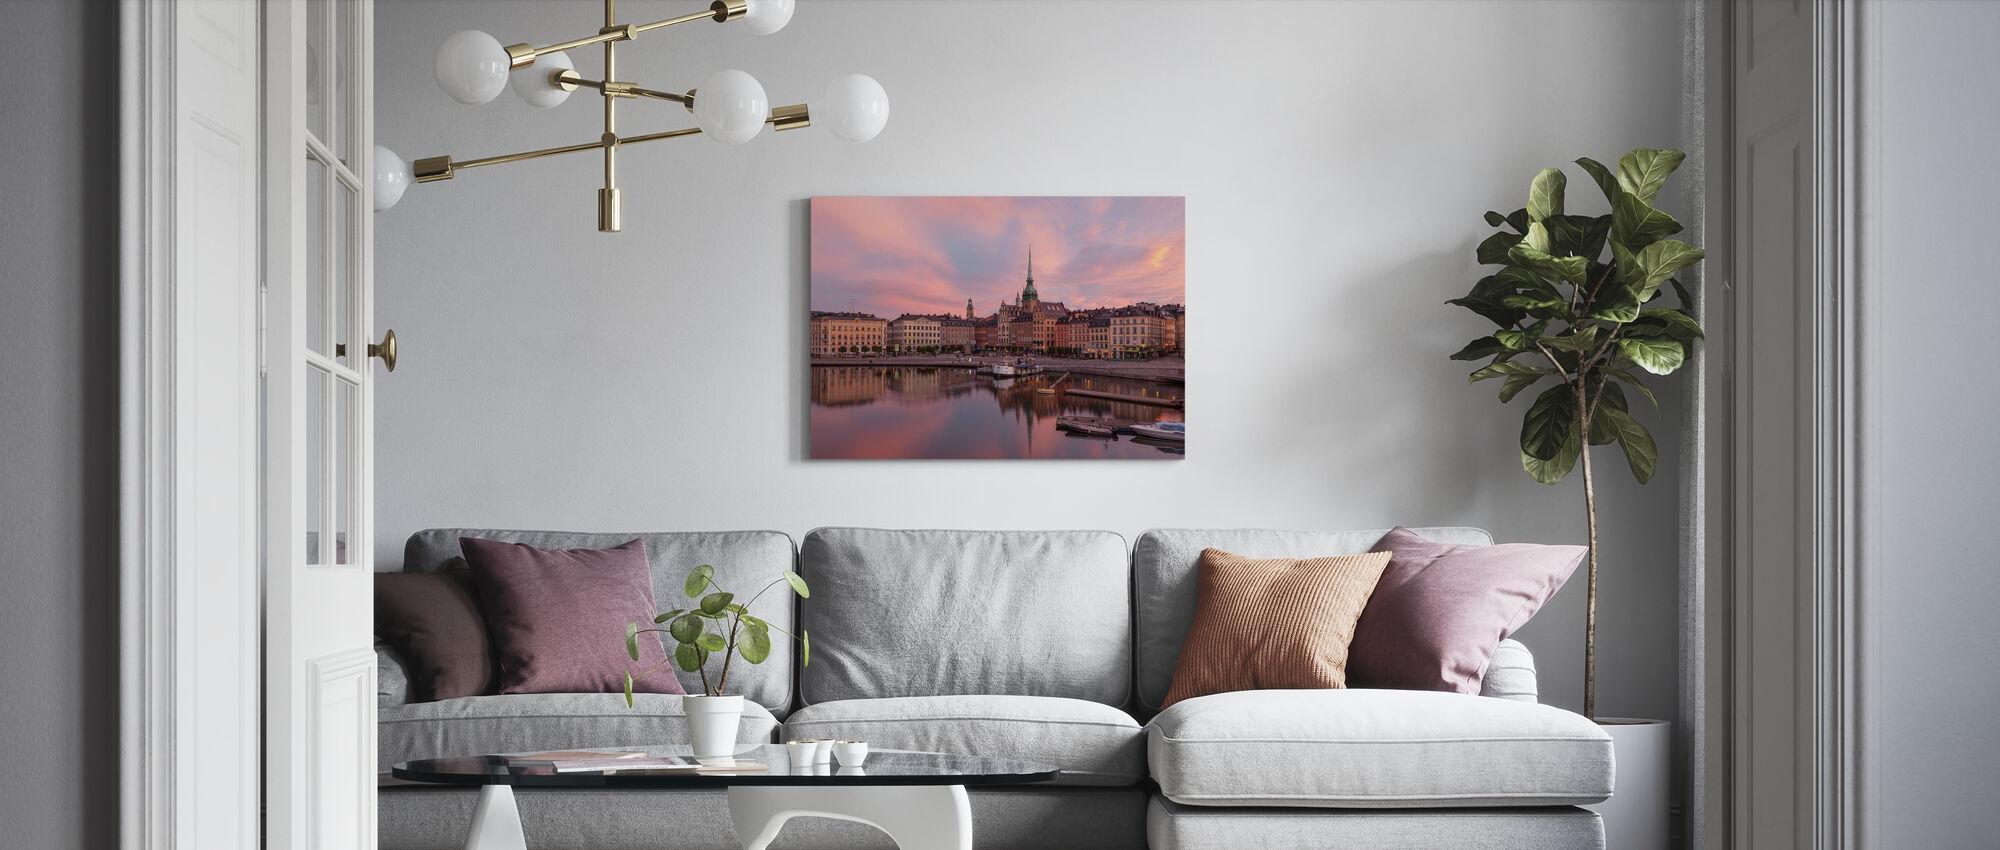 City Between the Bridges - Canvas print - Living Room